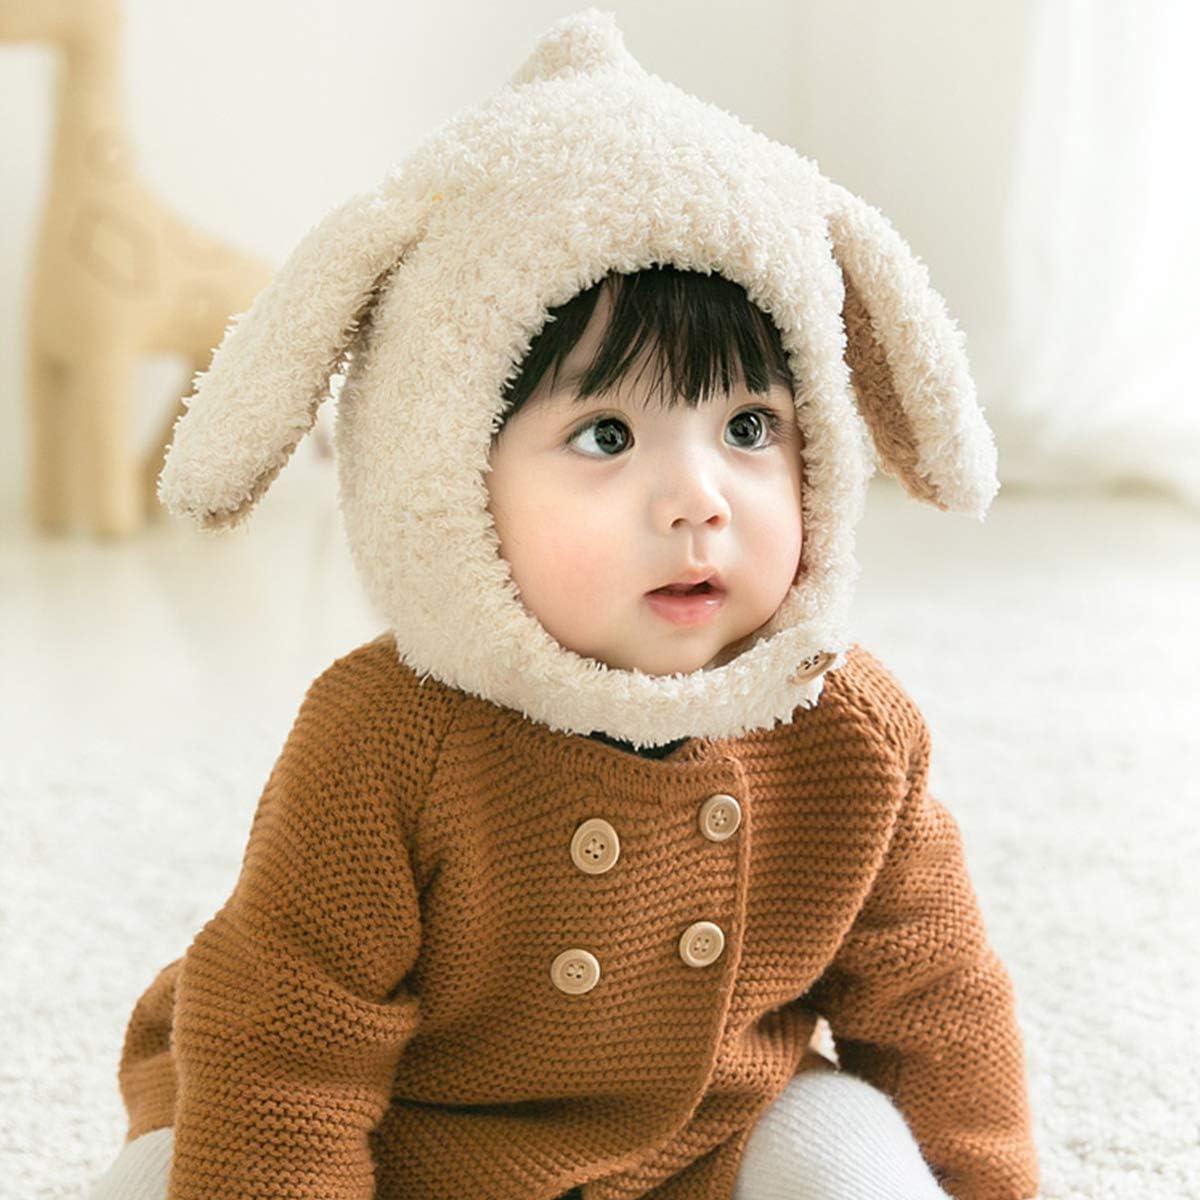 DORRISO Bonnet Enfant Casquette Protection du Cou Set T/ête Encapuchonn/ée Printemps Tomber Hiver Gar/çon Fille Chapeaux B/éb/é Mignonne Chat Chapeaux,taille unique,Gris